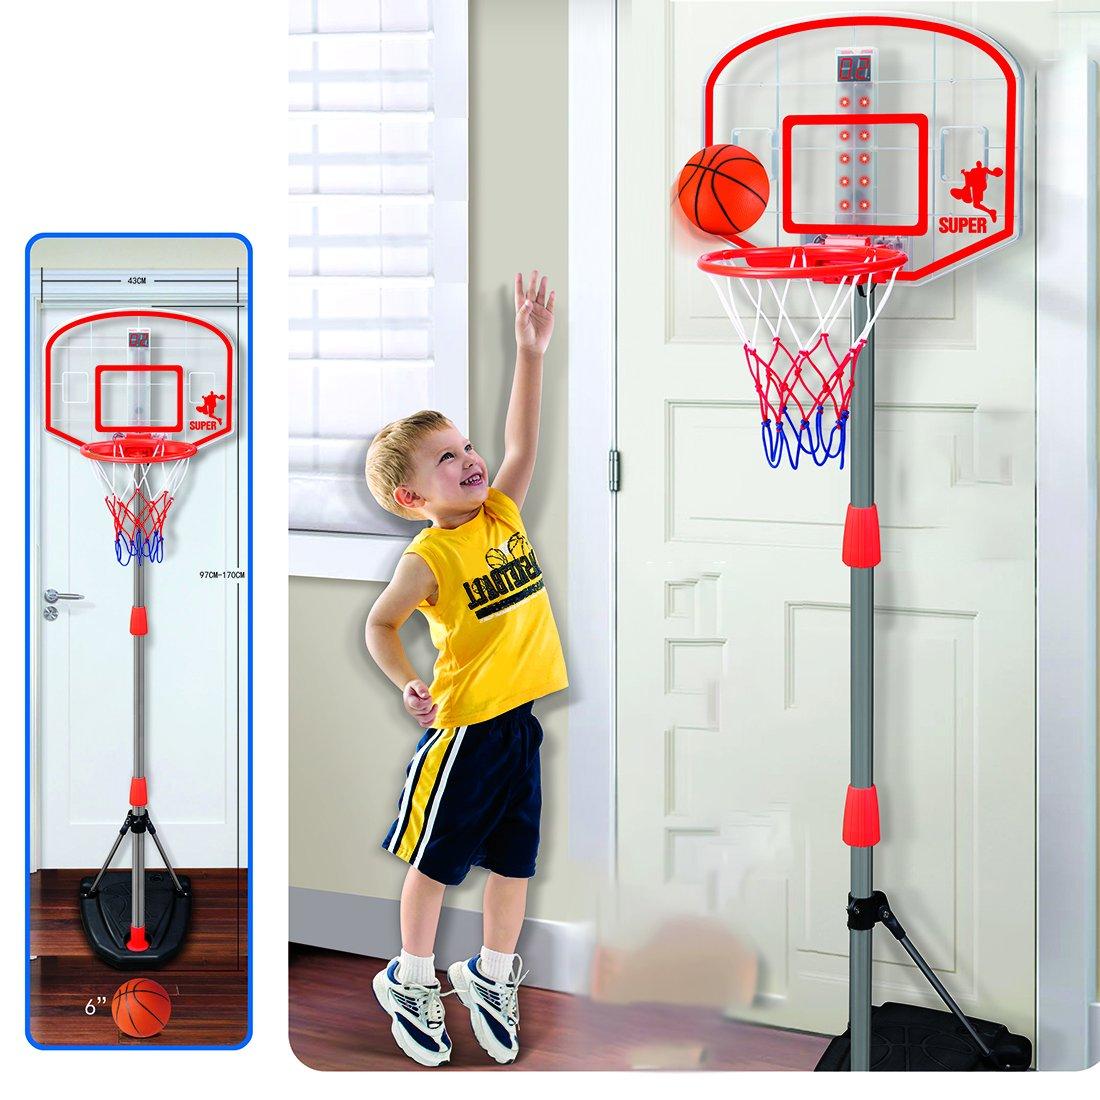 HYZH 200 CM Altezza Regolabile Canestro da basket Con Palla e Pompa Adatto per bambini e ragazzi